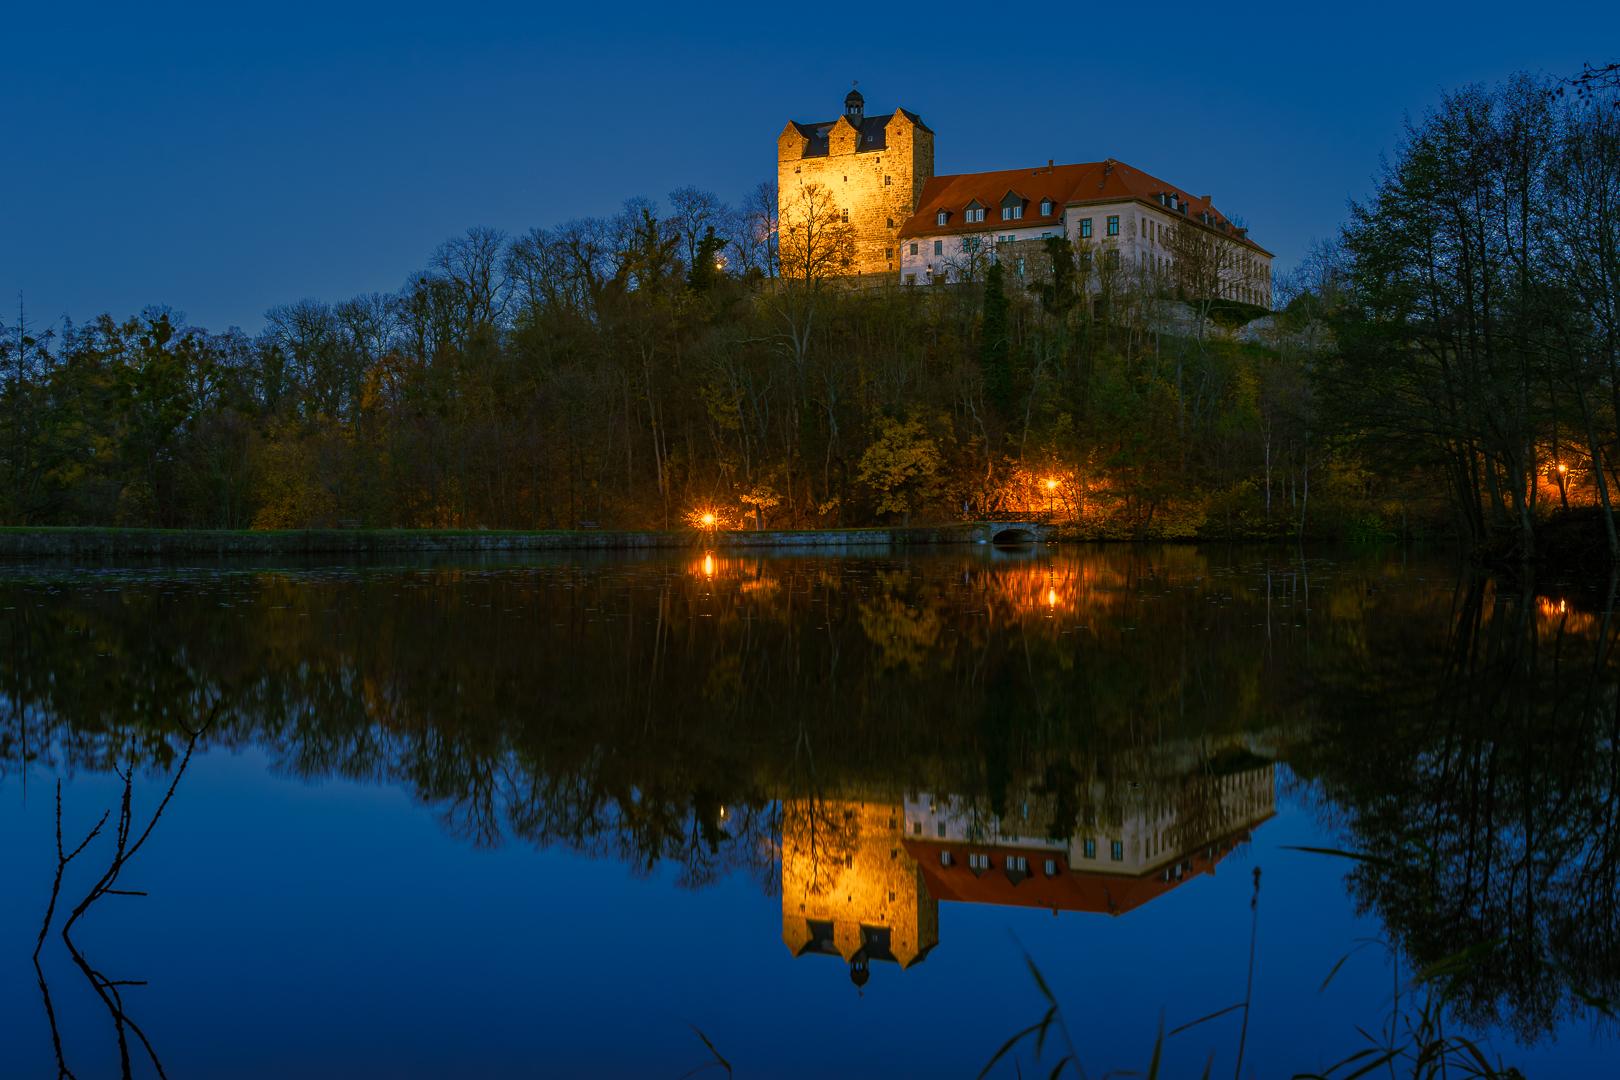 Ballenstedt Schloss Spiegelung abends © Wolfram Schmidt / Meisdorf